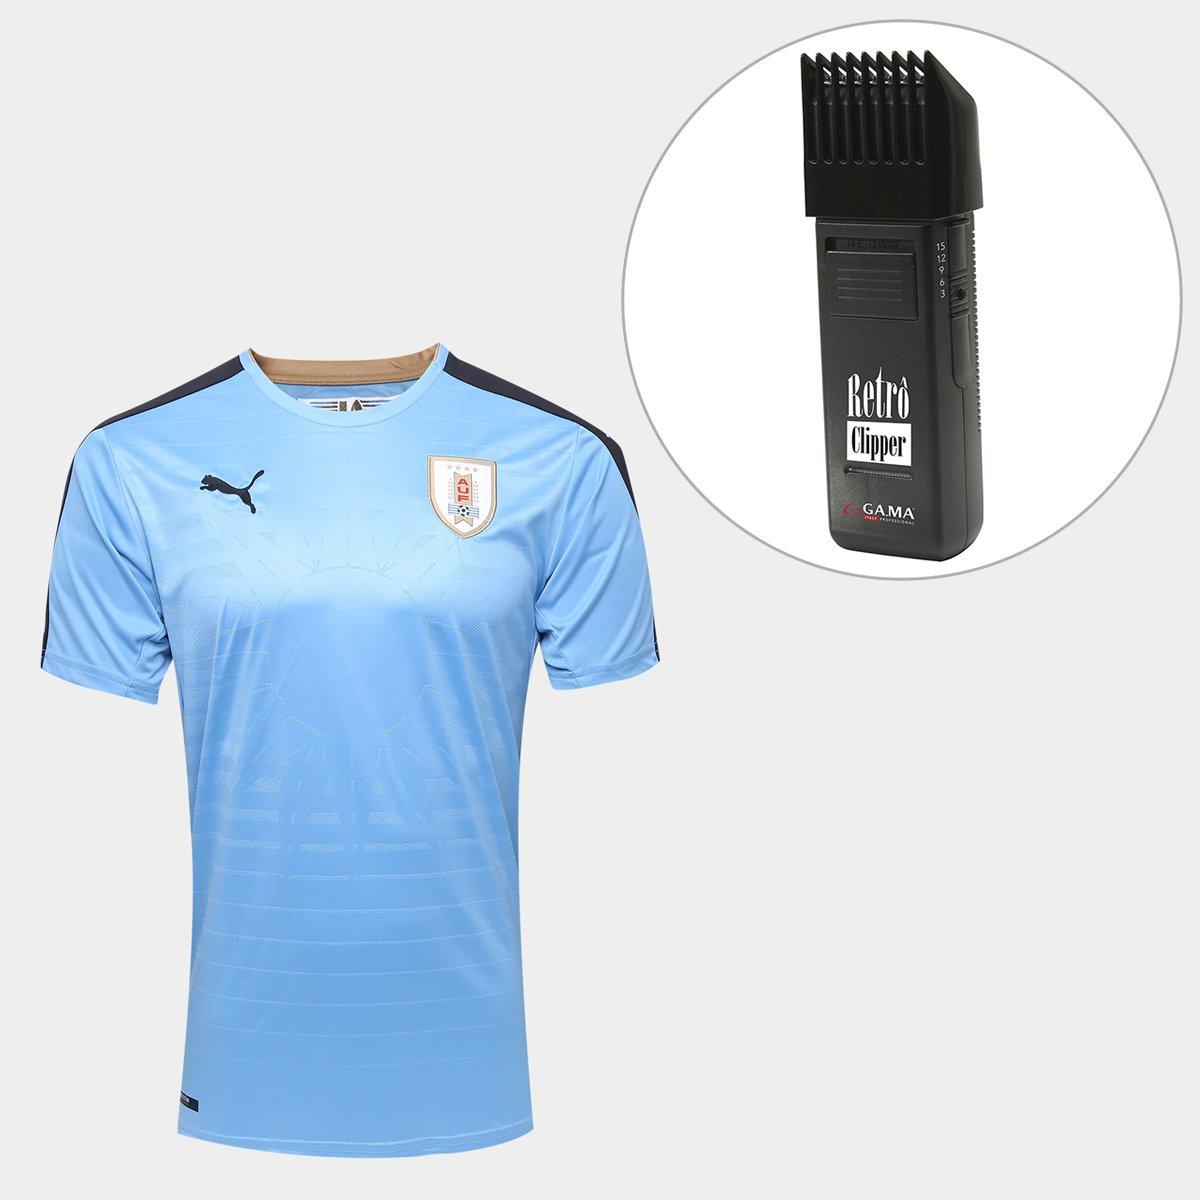 7ced3a9c81333 ... Kit Camisa Seleção Uruguai Home 17 18 Torcedor Puma Masculina + Maquina  Retrô Gama Italy Bivolt ...